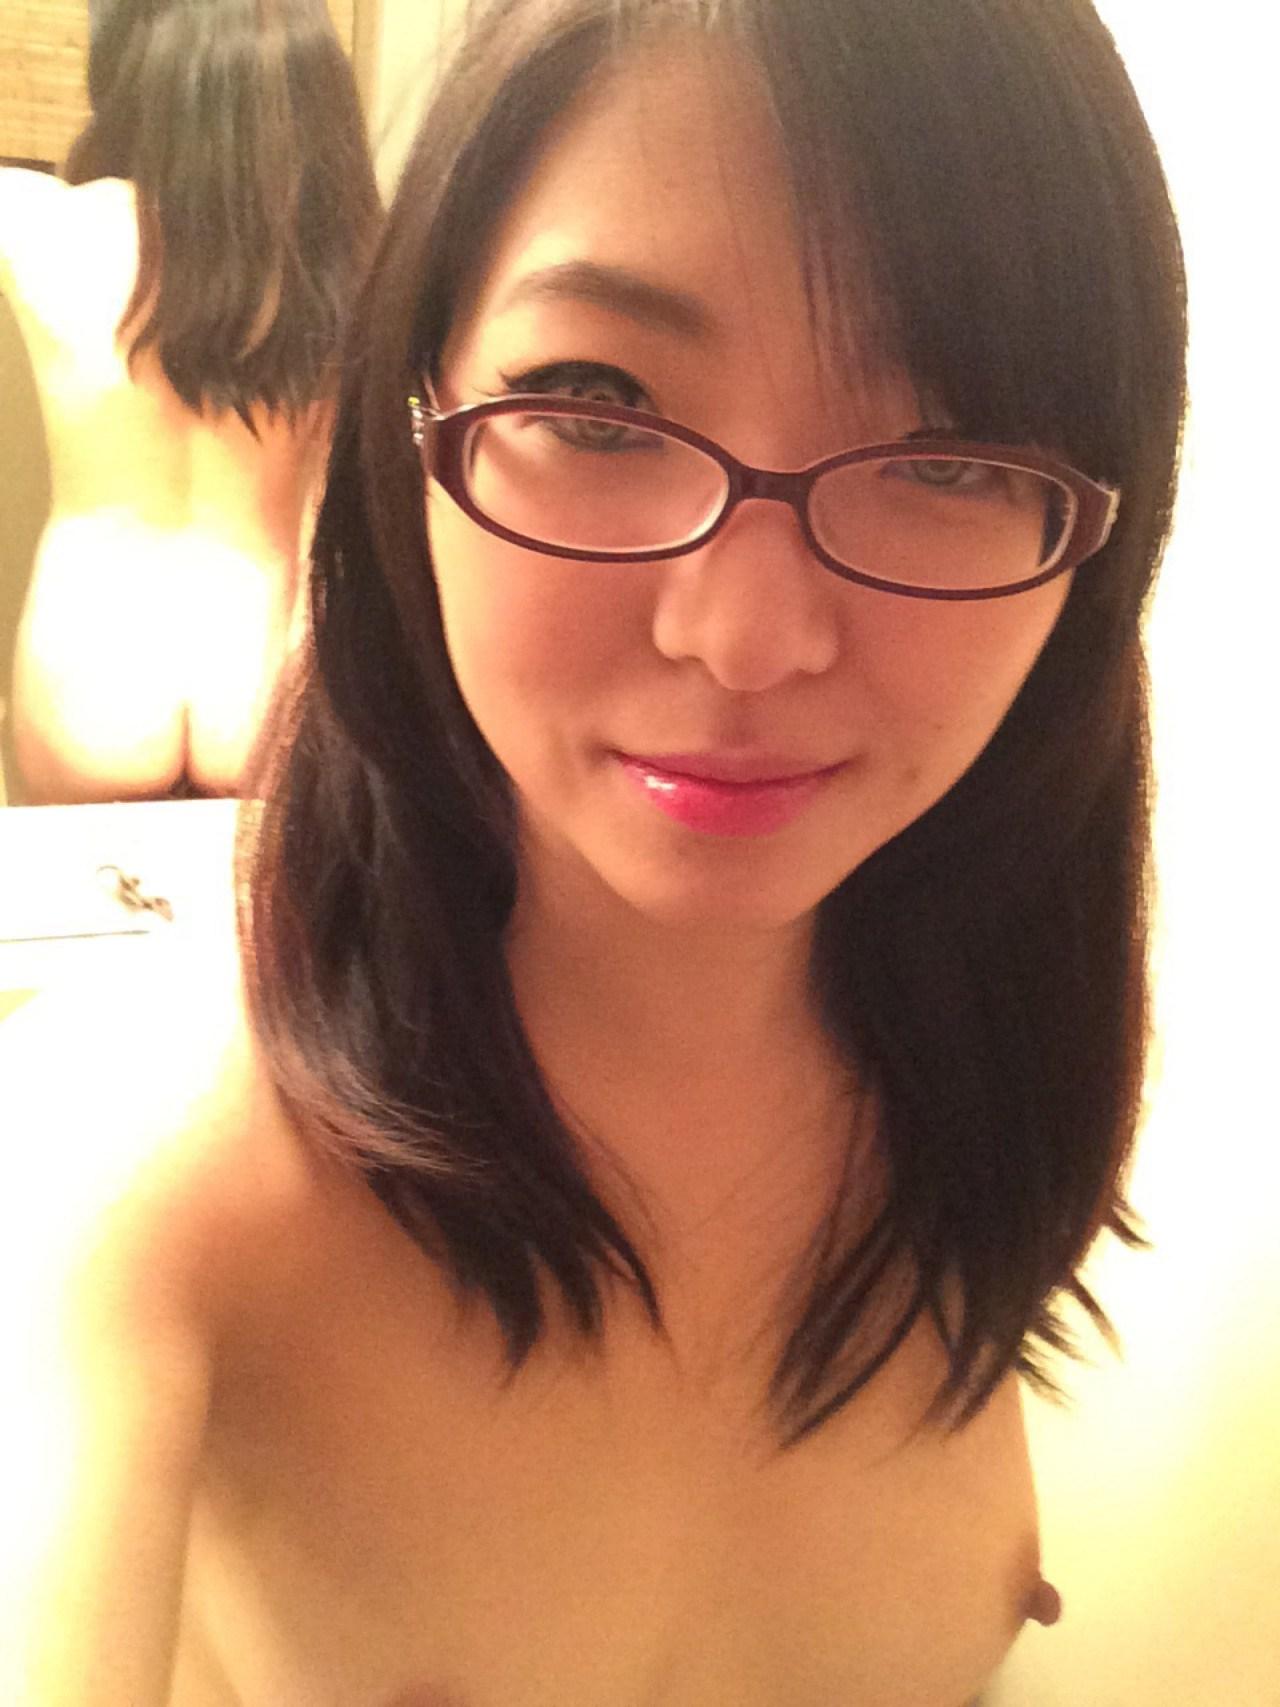 【画像・動画あり】スタバの女バリスタが脱いで裏垢にアップしてたエロエロ自撮り動画wwwwww